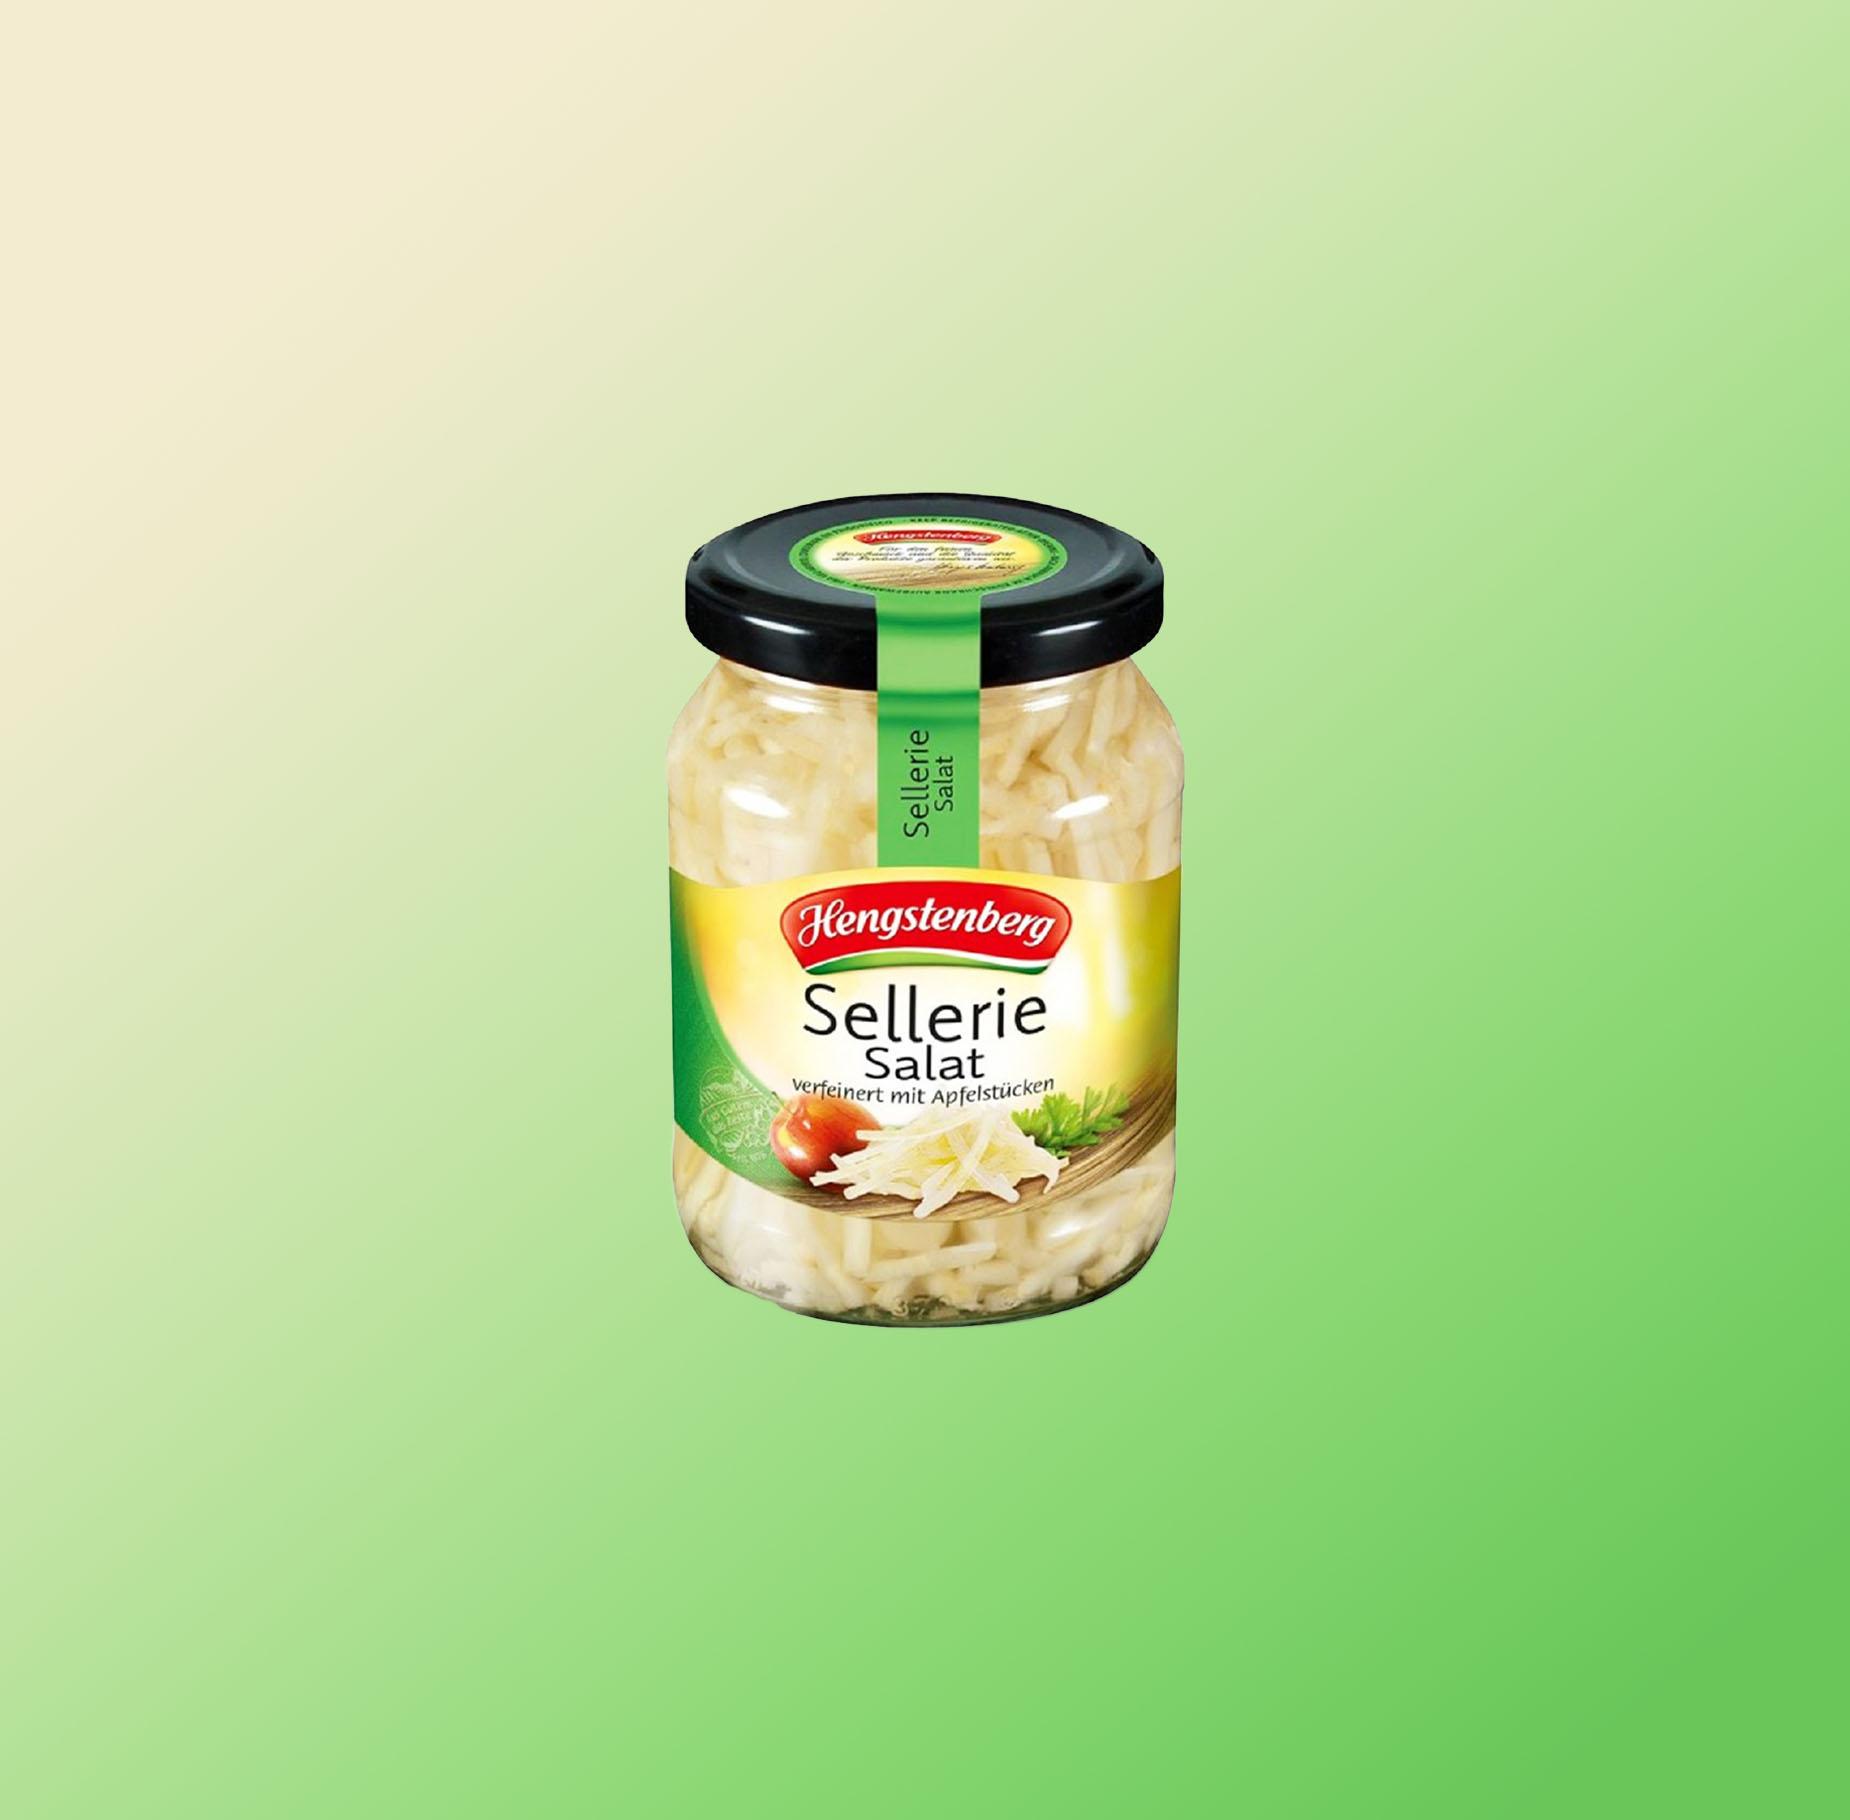 Sellerie Salat (Ensalada aromática de Apio)